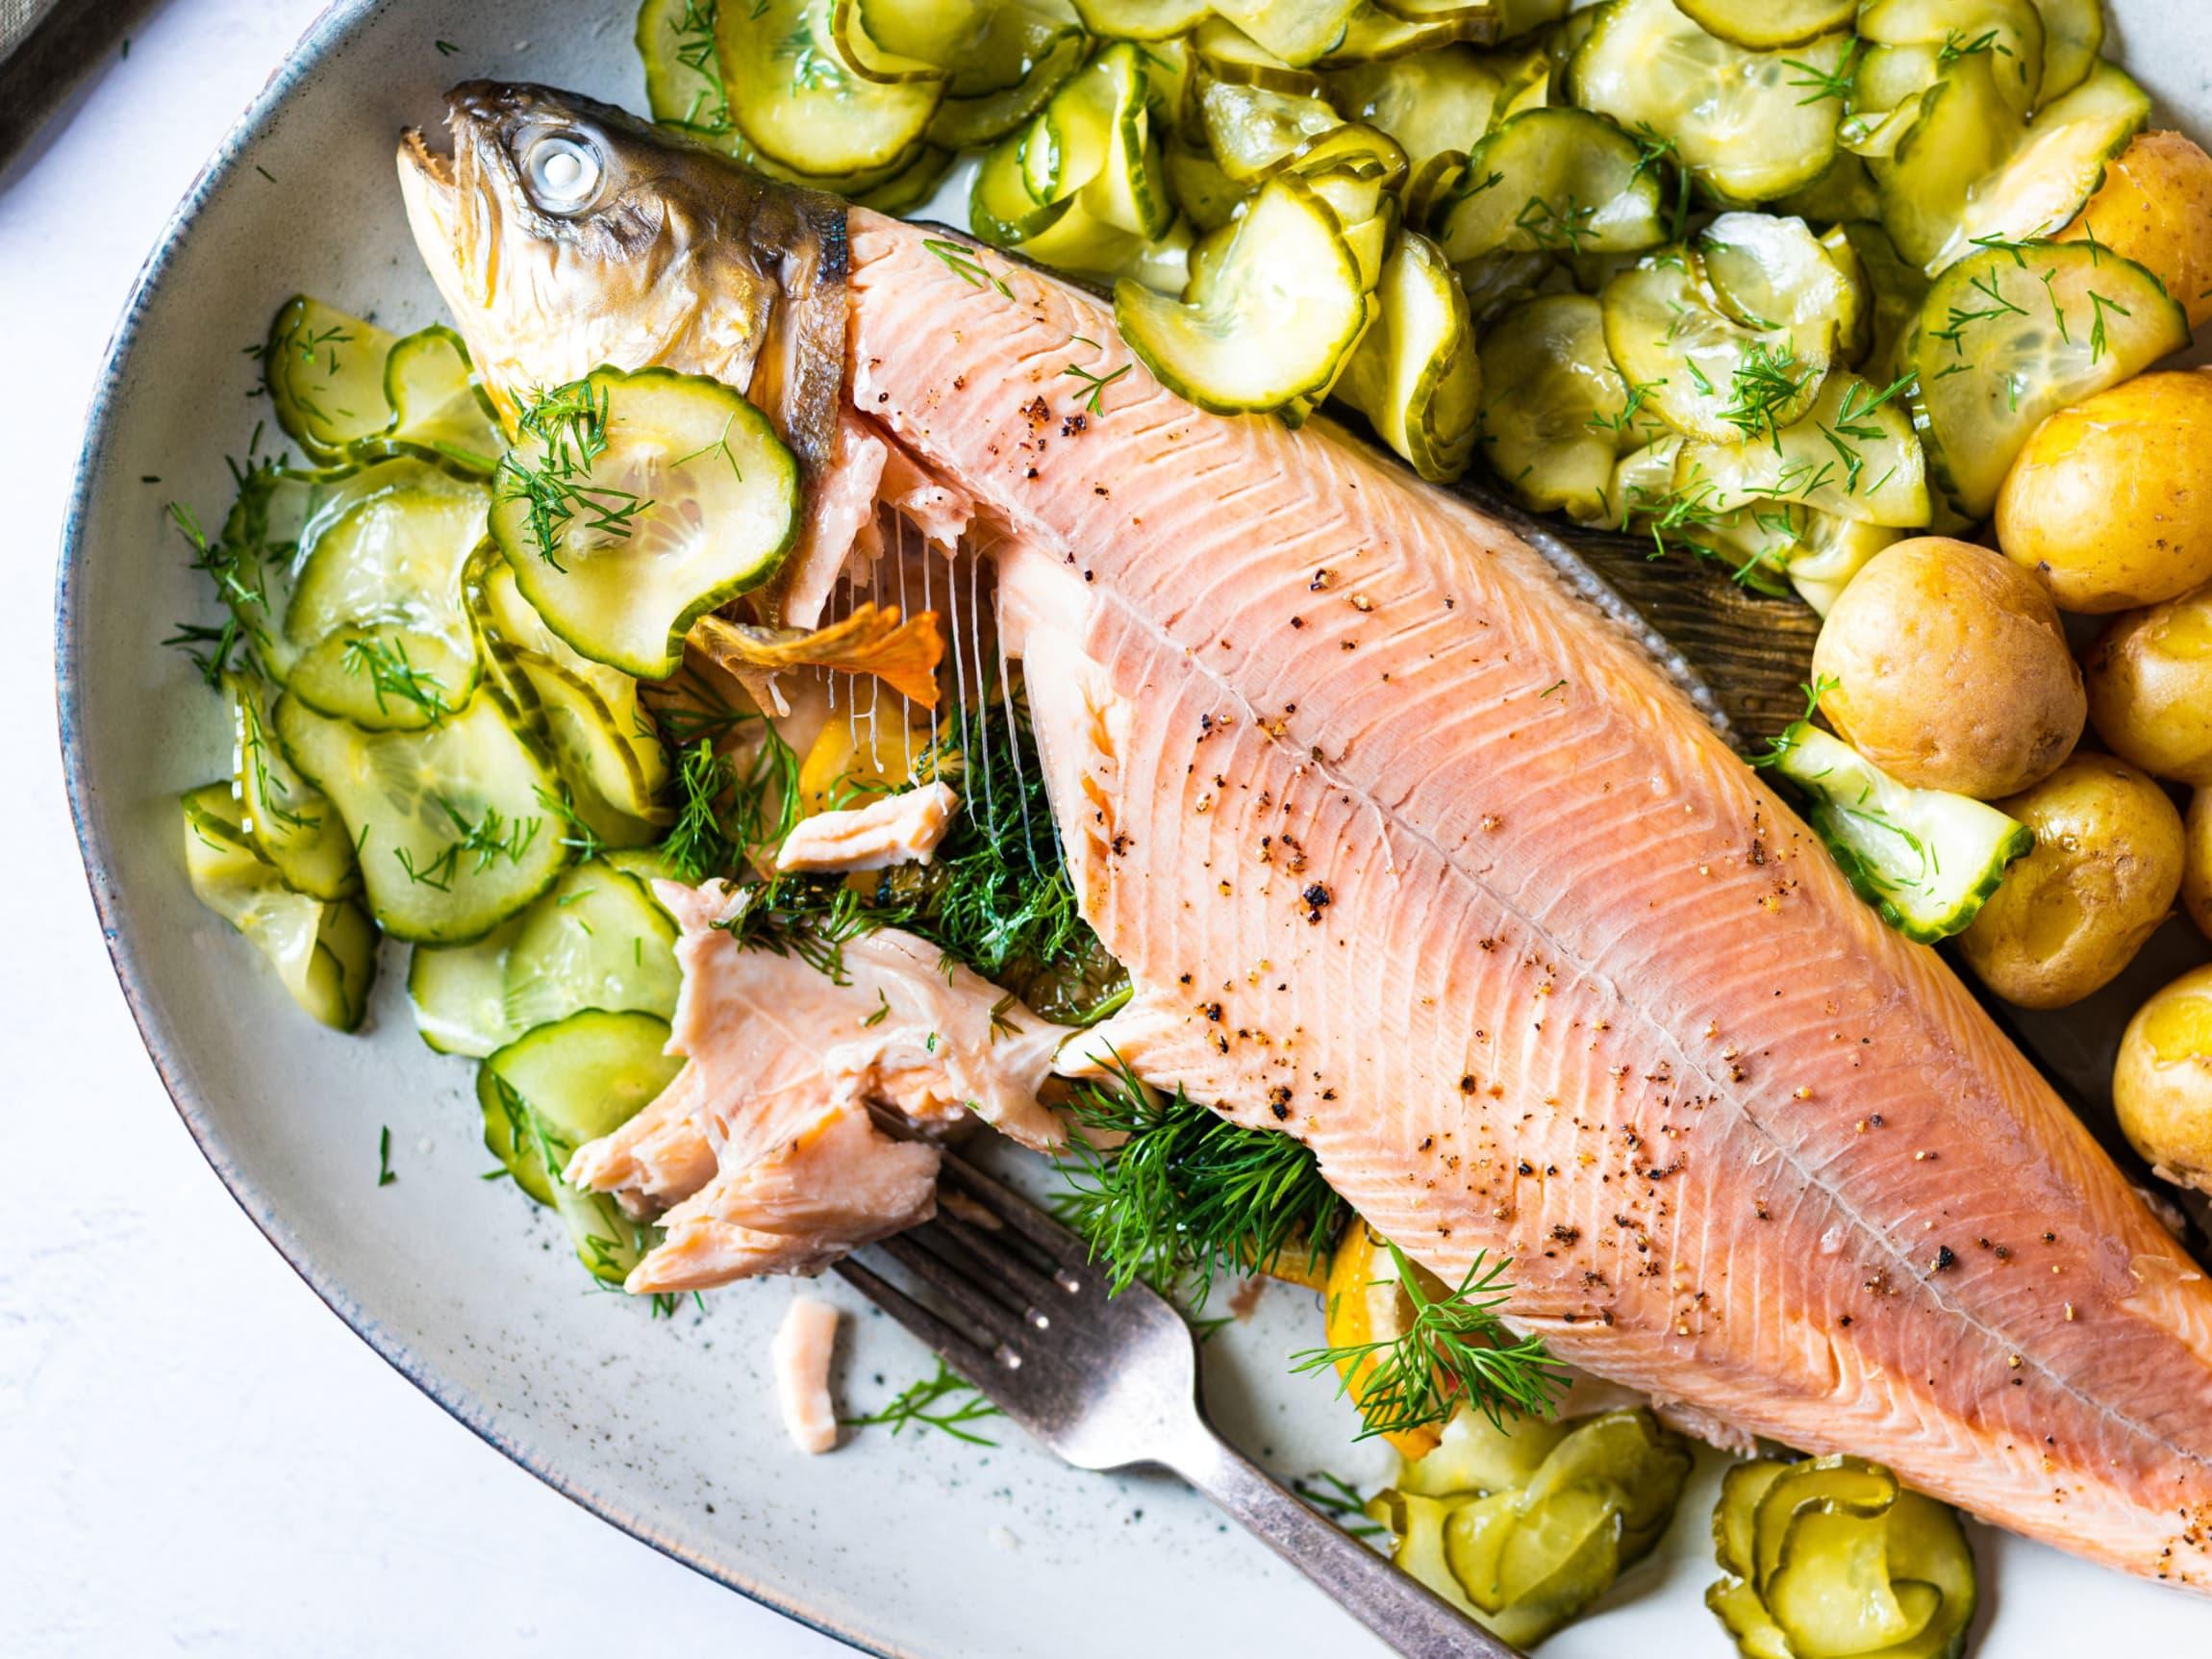 Redd for fiskebein? Når fisken helstekes, vil bena bli sittende fast i ryggbeinet og du kan enkelt dra av kjøtt uten å få med bein.